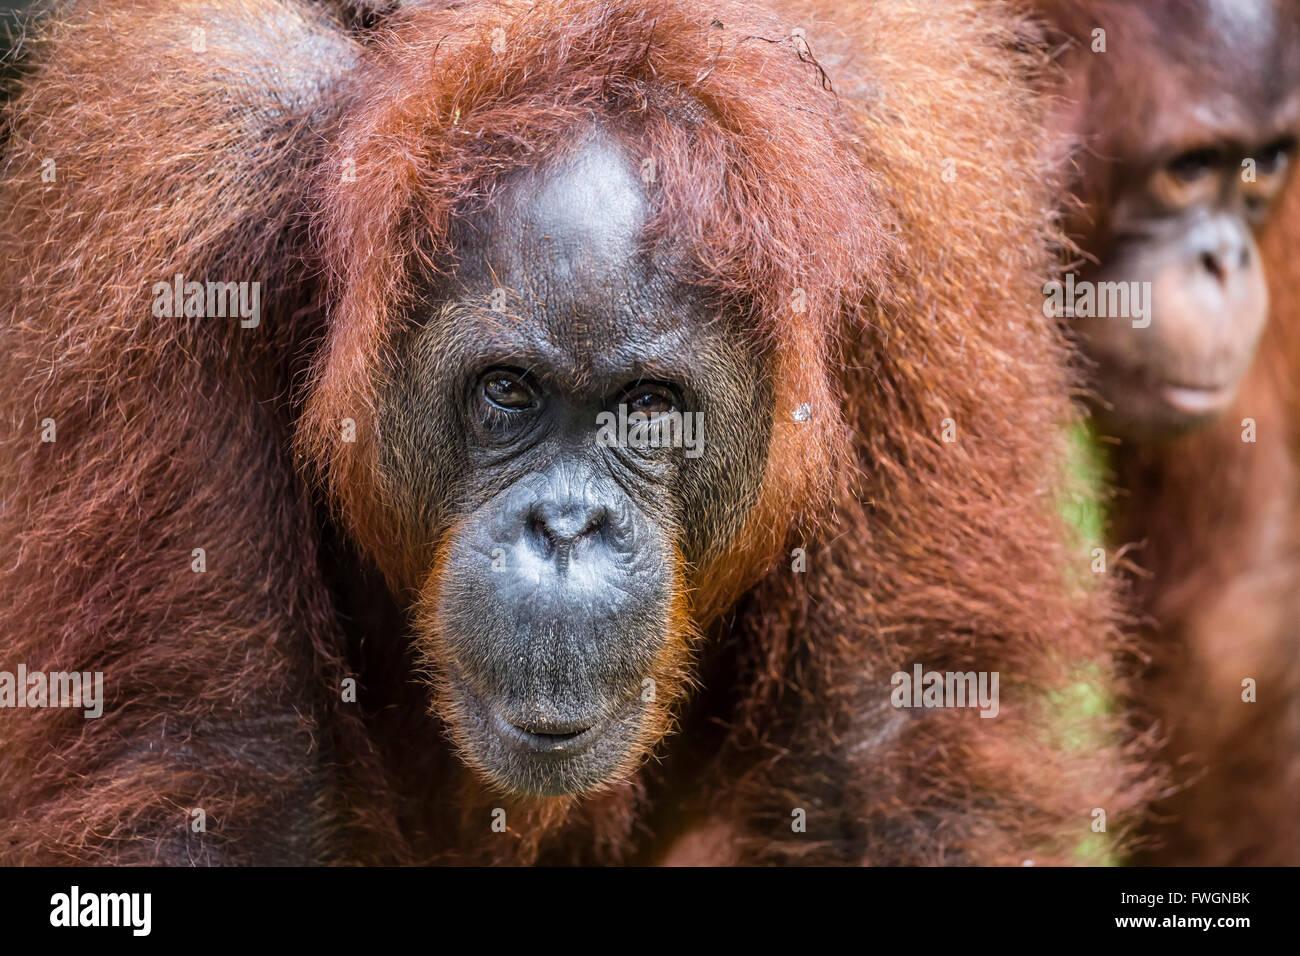 Mère et bébé orang-outan (Pongo pygmaeus), Centre de réadaptation de Semenggoh, Sarawak, Bornéo, Malaisie, Asie Banque D'Images